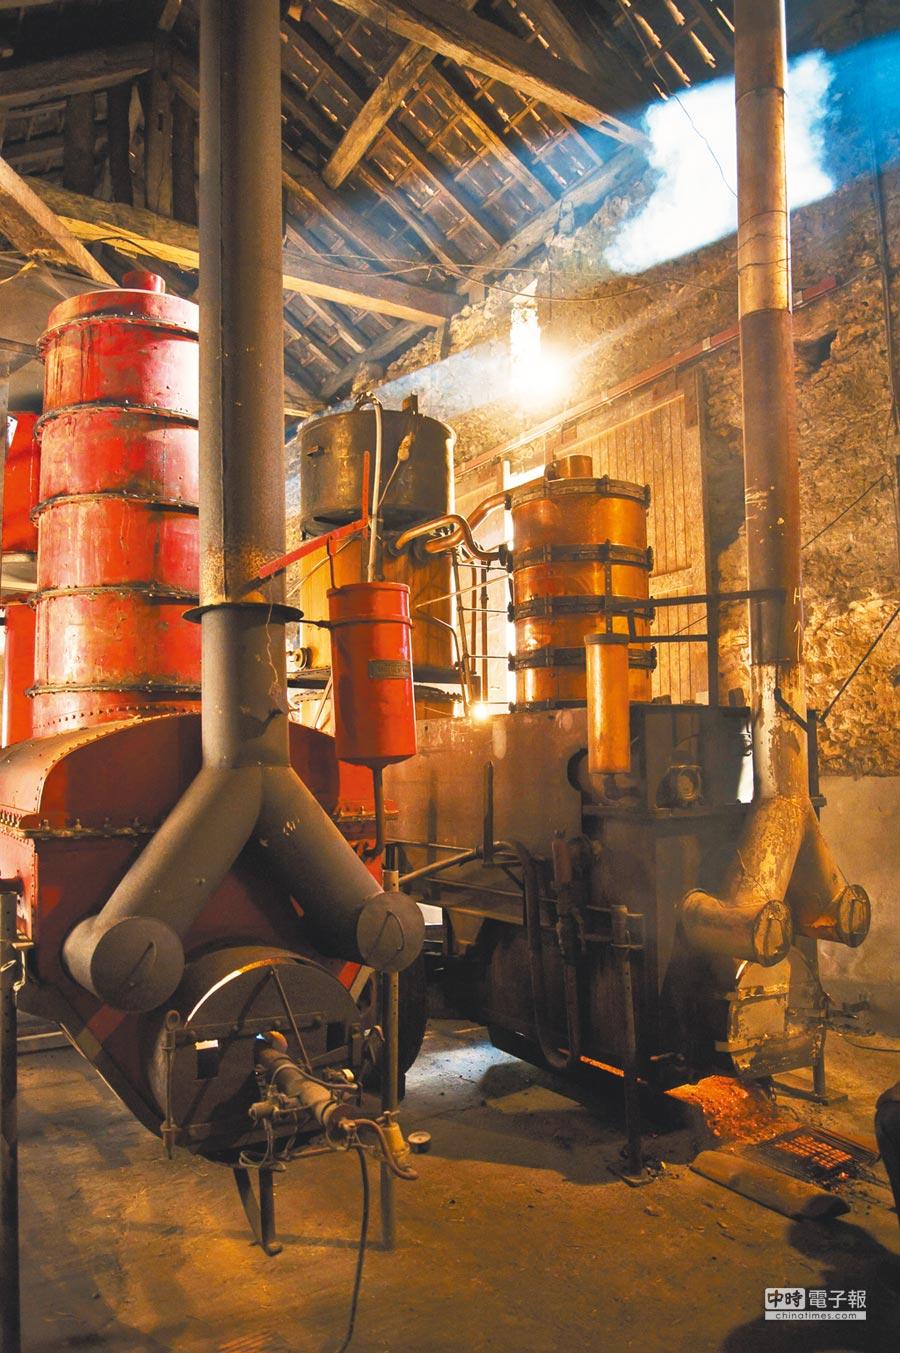 雅馬邑的蒸餾及陳年形式質樸,卻很能保存葡萄酒裡的各種幽微香氣,同時呼應最初是在地農人自產自銷的淵源。圖片提供各品牌